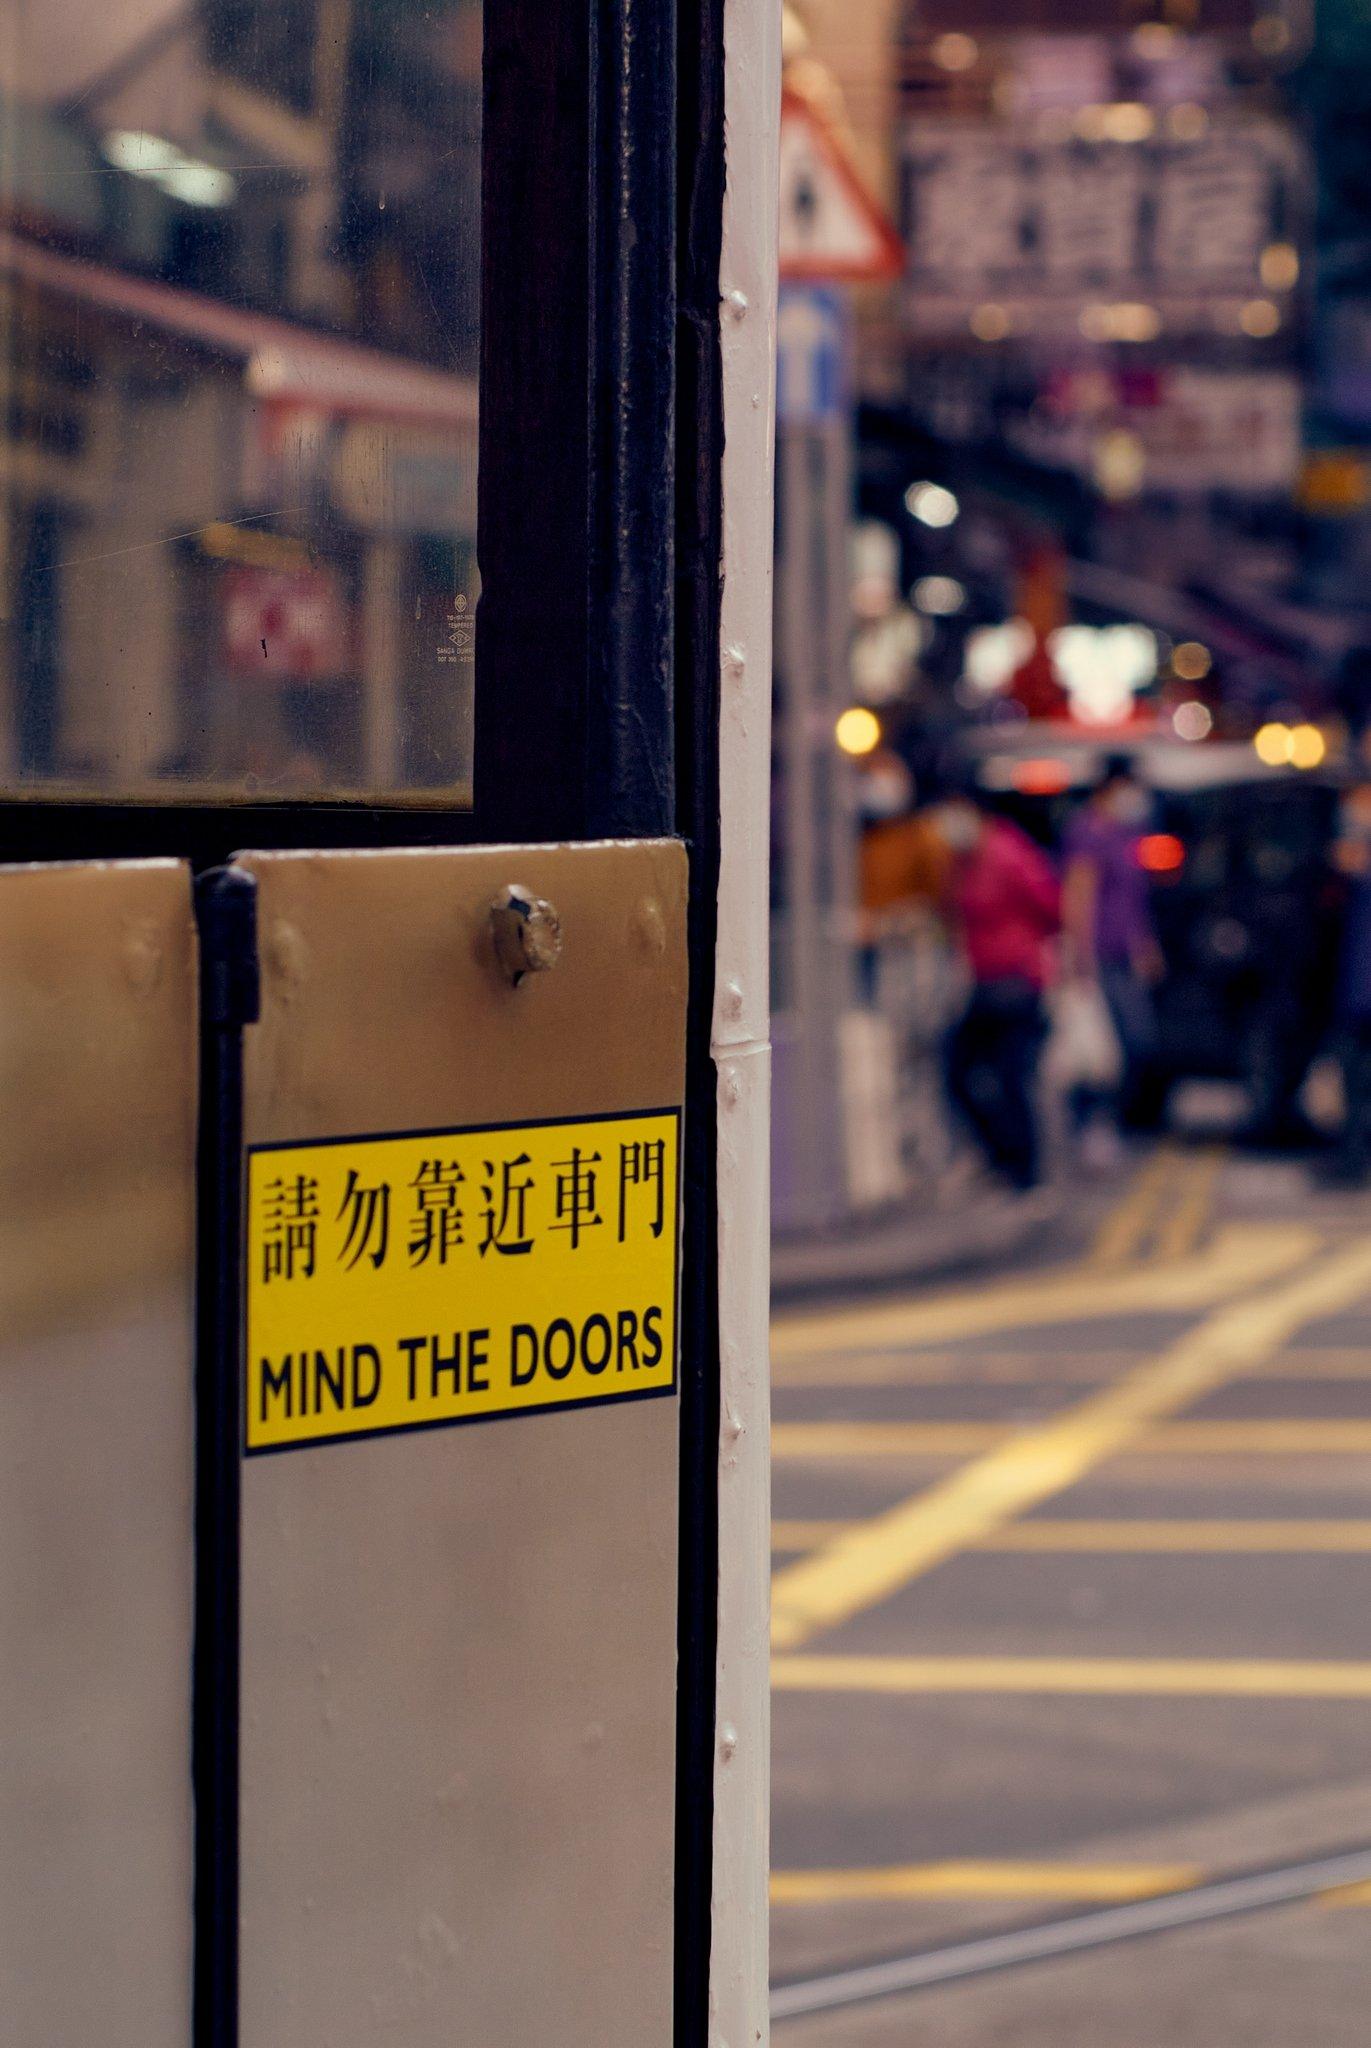 19. mind the doors